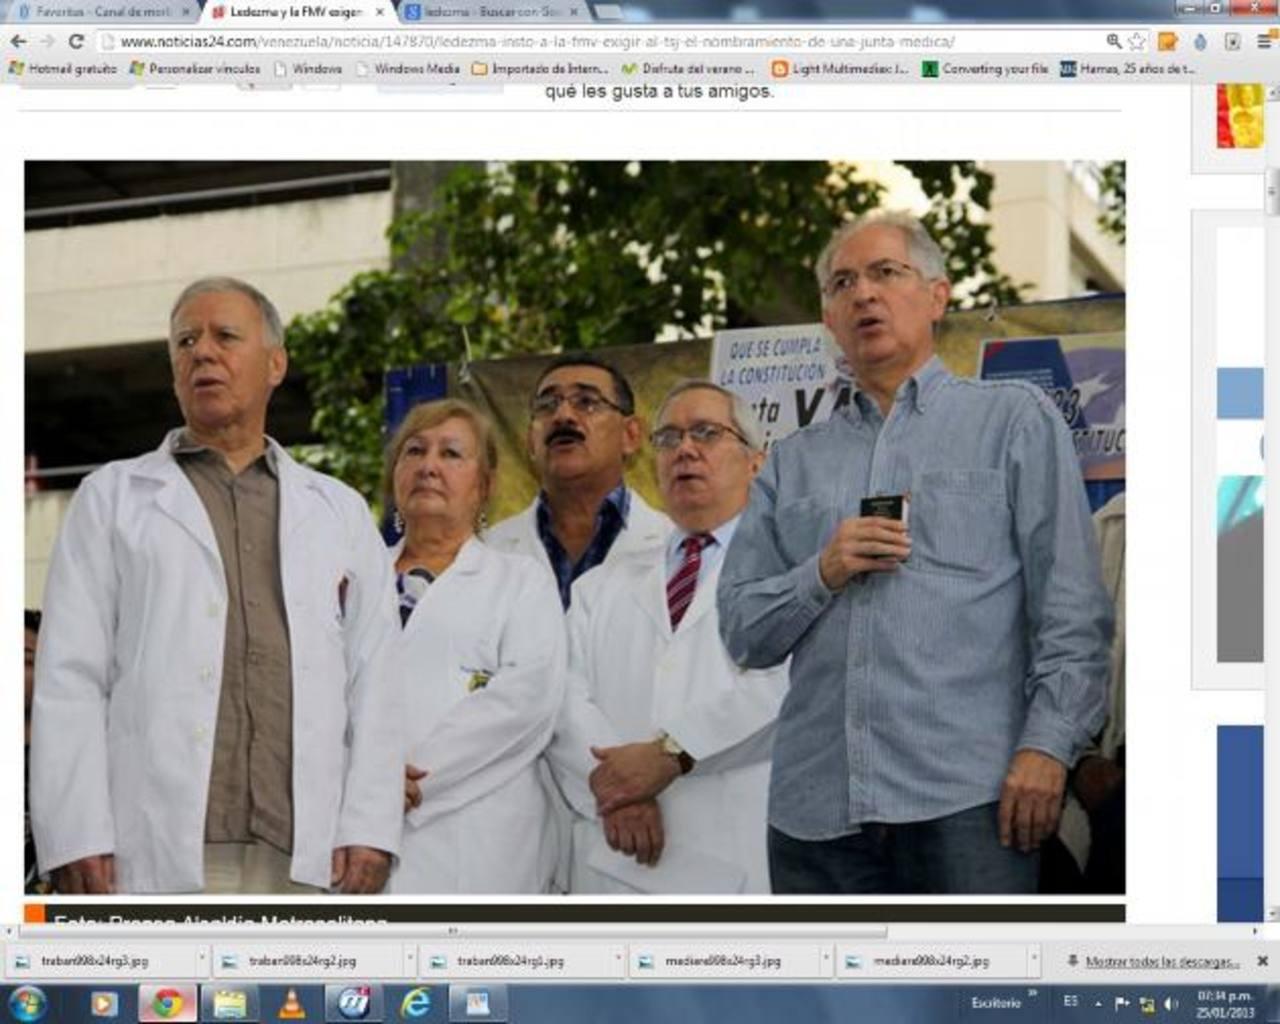 El alcalde de Caracas, Antonio Ledezma (der, Constitución en mano) junto a miembros de la Federación Médica. foto edh /